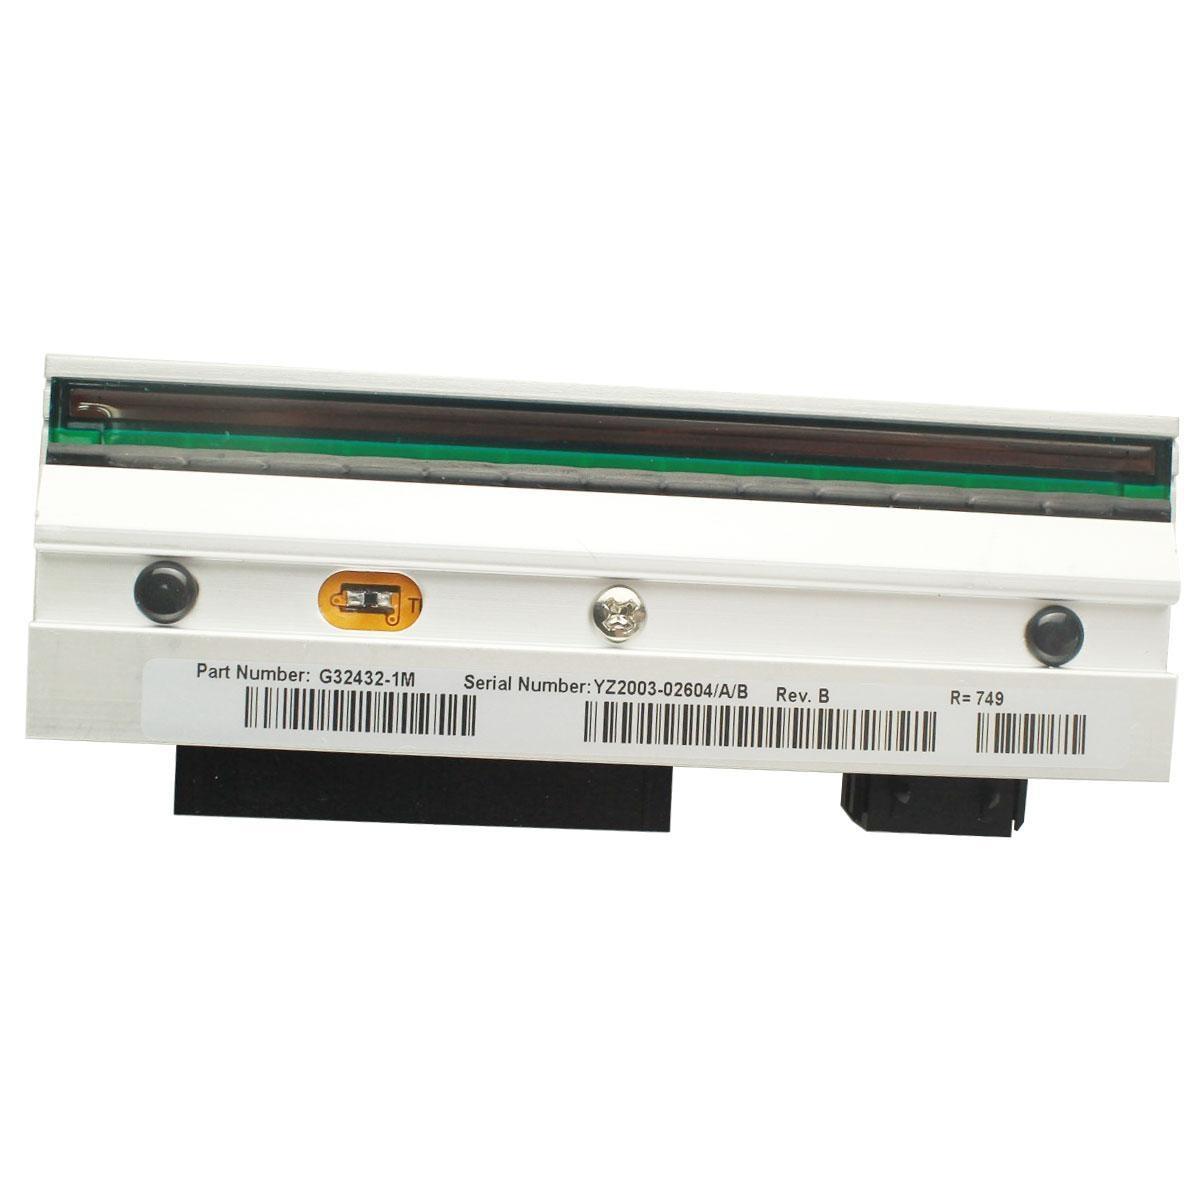 Brand New tête d'impression G57202-1M Zebra 110PAX4 203dpi imprimante code à barres, Livraison gratuite